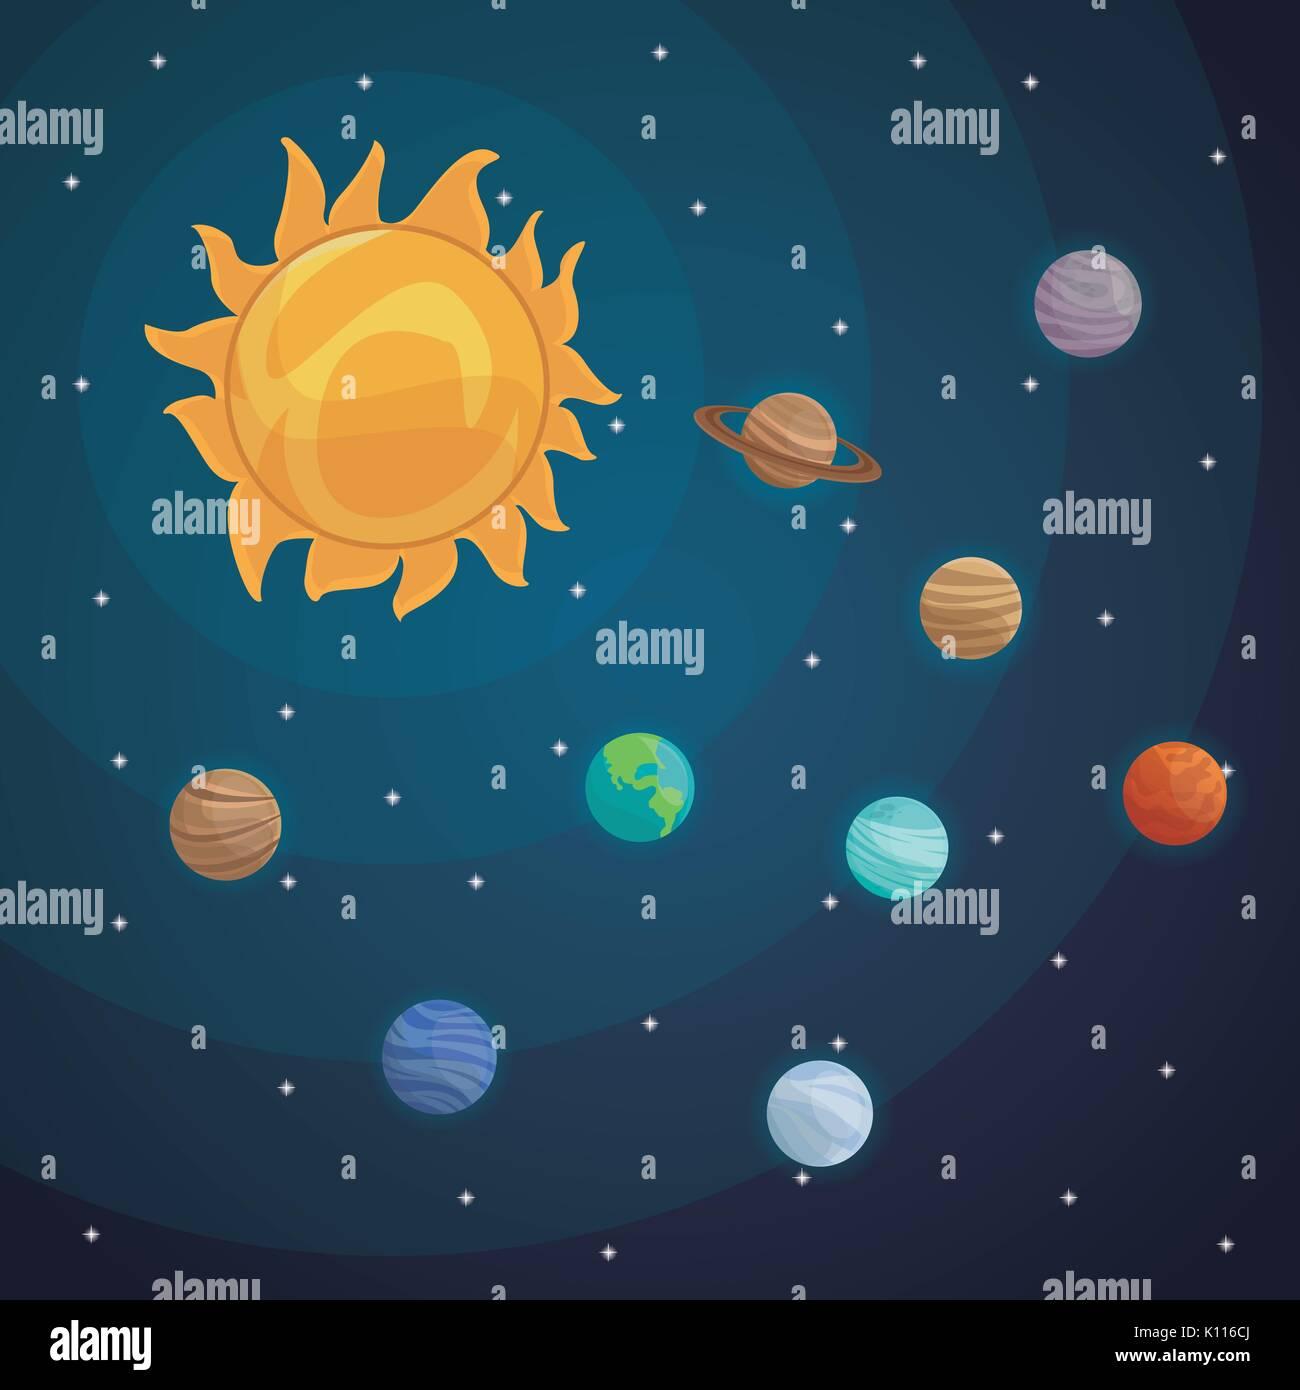 space landscape coloring pages - photo#35